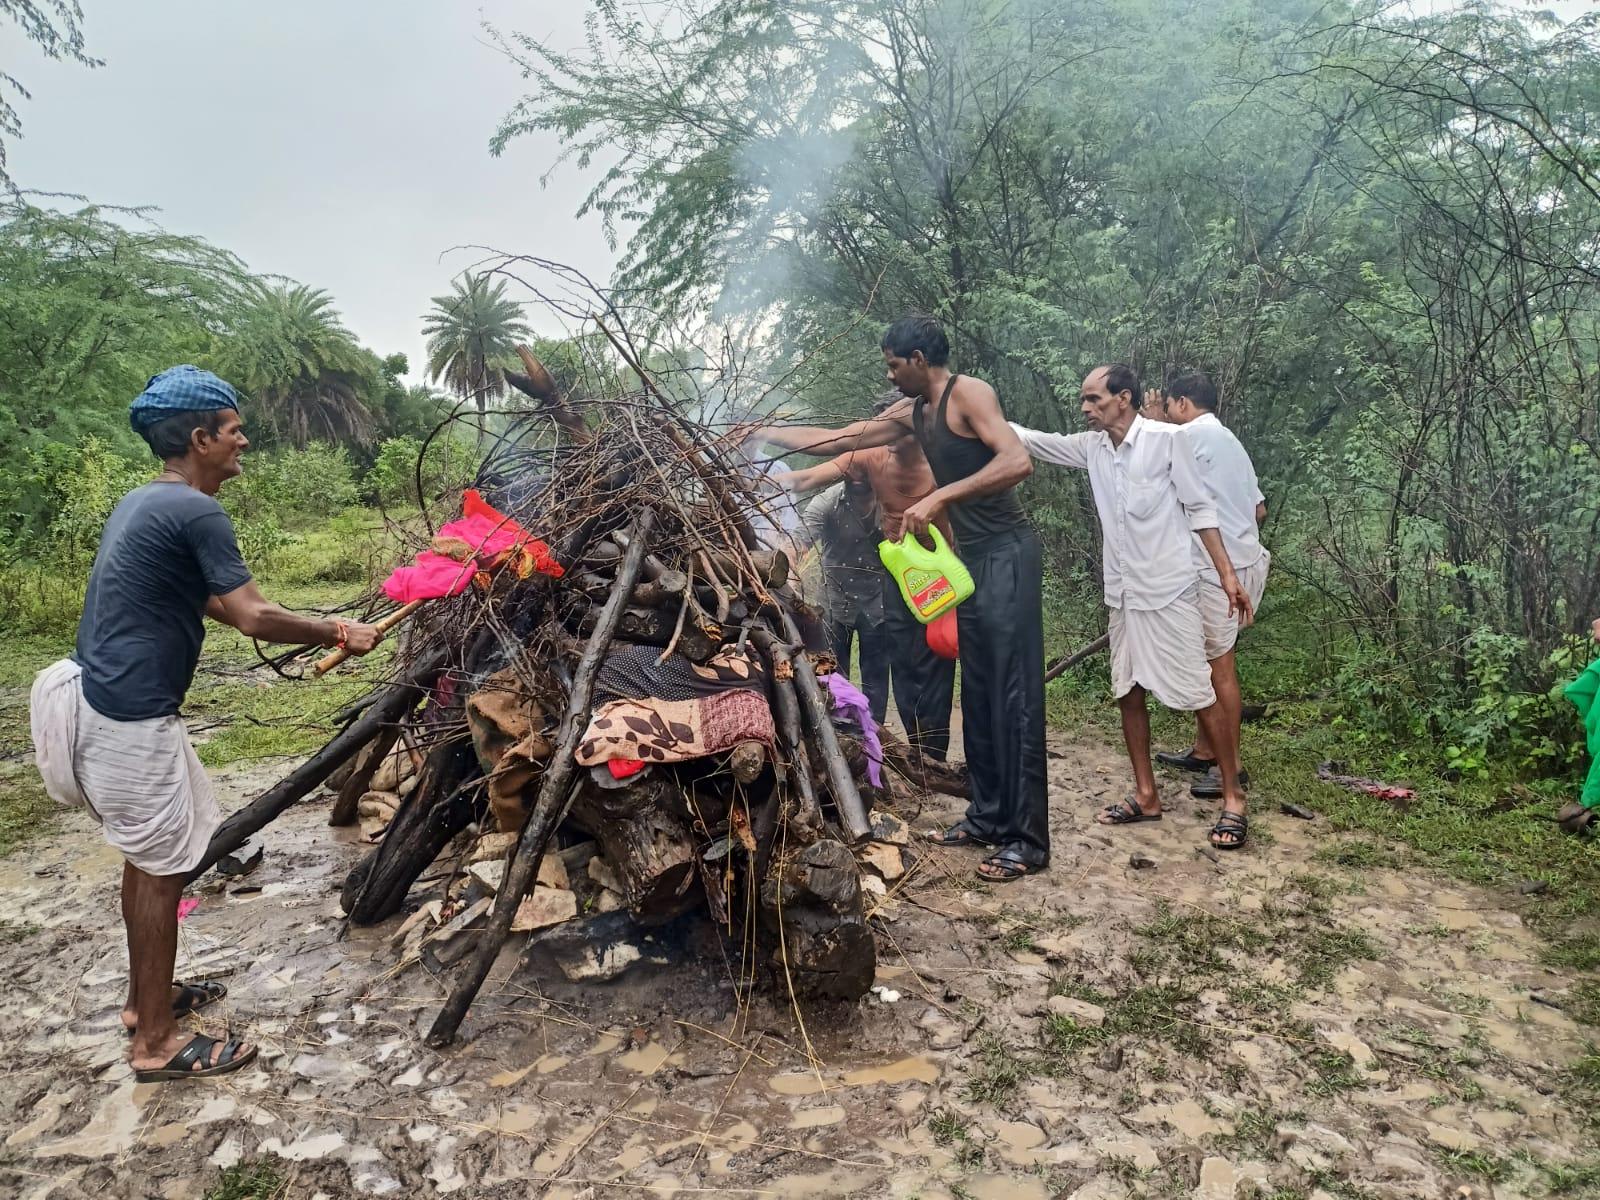 अंतिम संस्कार करने में आती परेशानी,टीन शेड और बैठने का इंतजाम भी नहीं,ग्रामीणों ने की व्यवस्था सुधारने की मांग राजसमंद,Rajsamand - Dainik Bhaskar